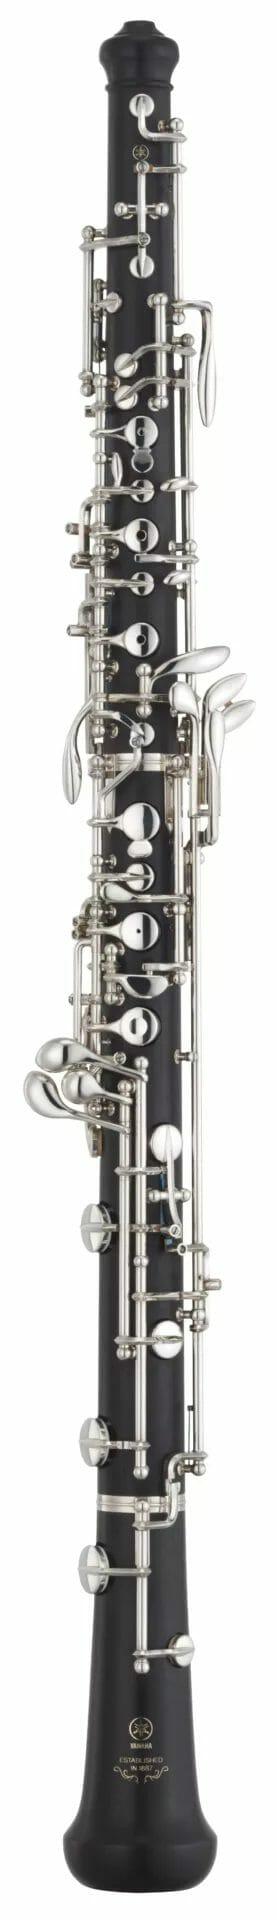 Mod. 431